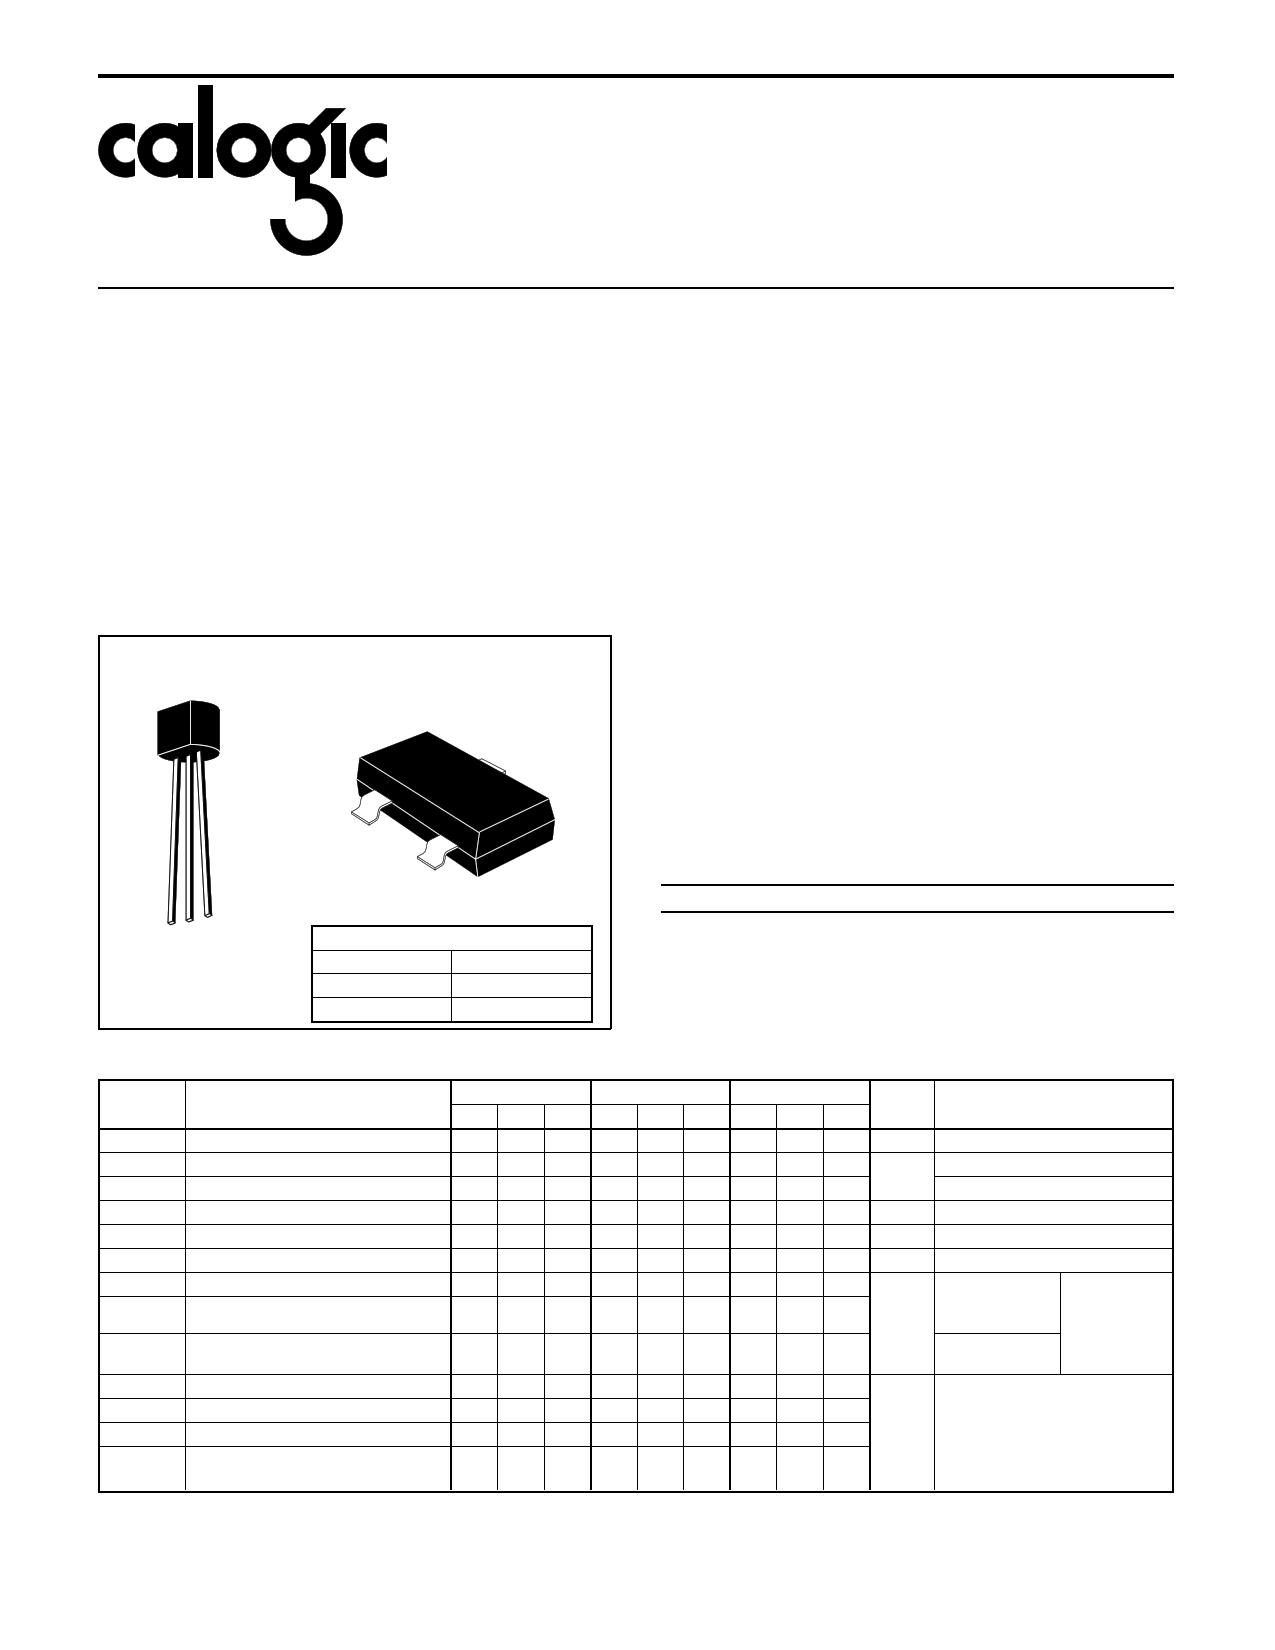 J109 datasheet